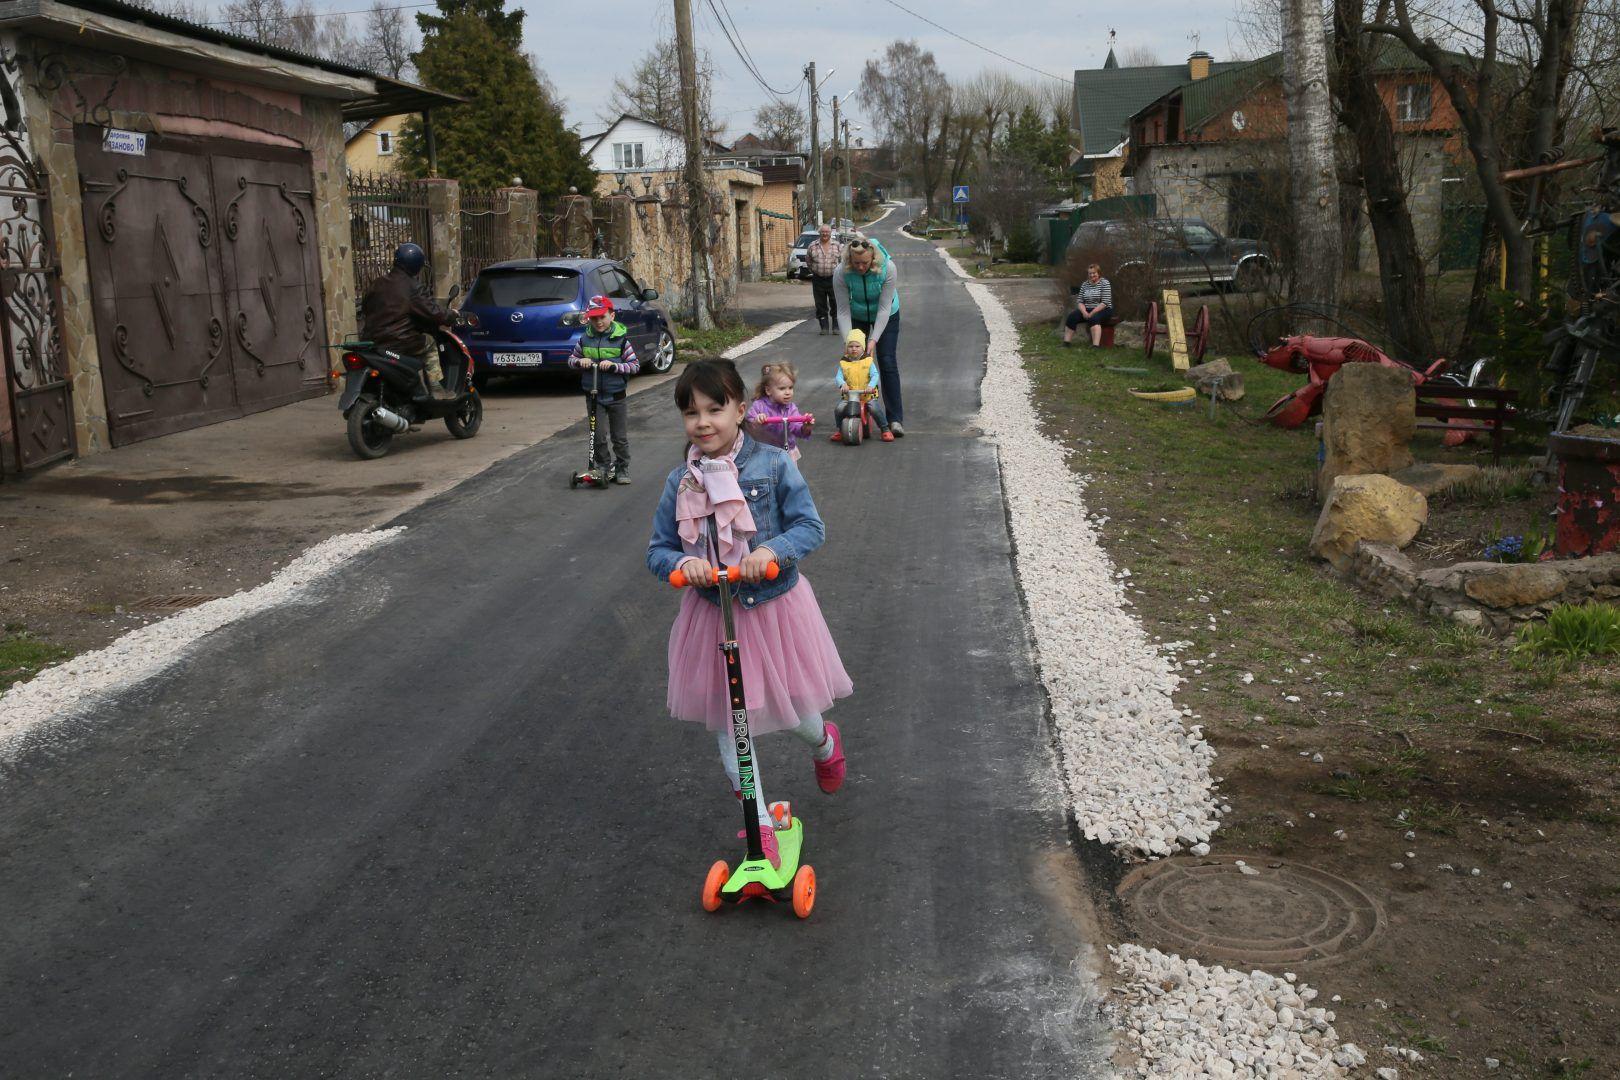 Дороги обновили на дворовых территориях домов в Щербинке. Фото: Владимир Смоляков, «Вечерняя Москва»